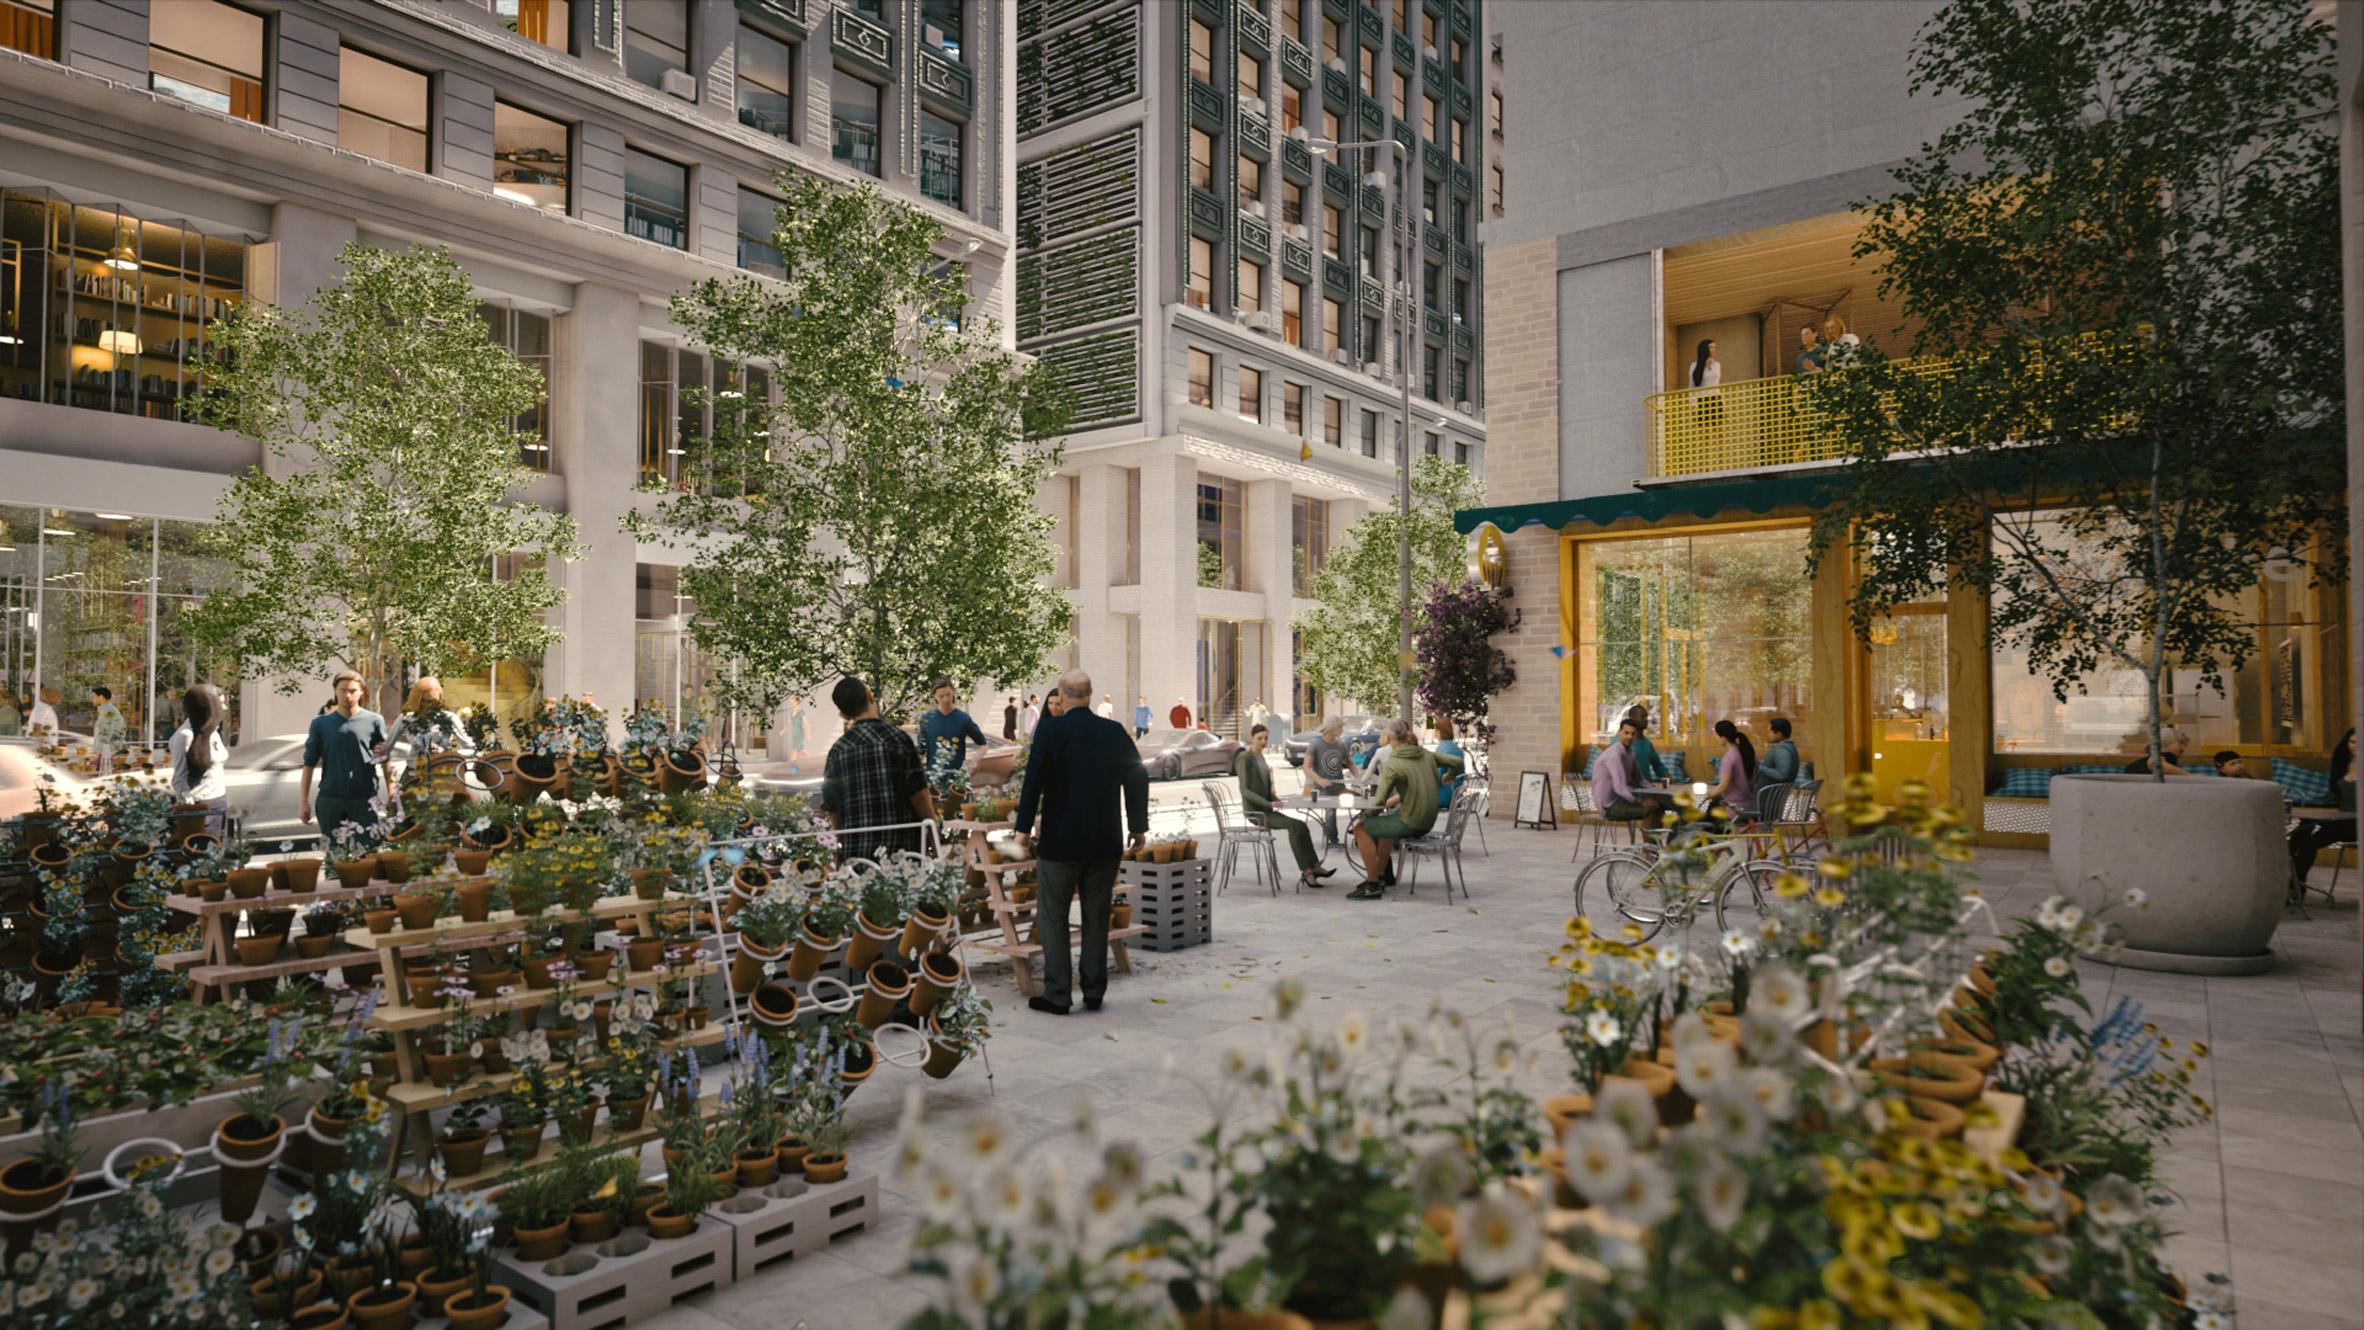 Render of a flower market in Manhattan